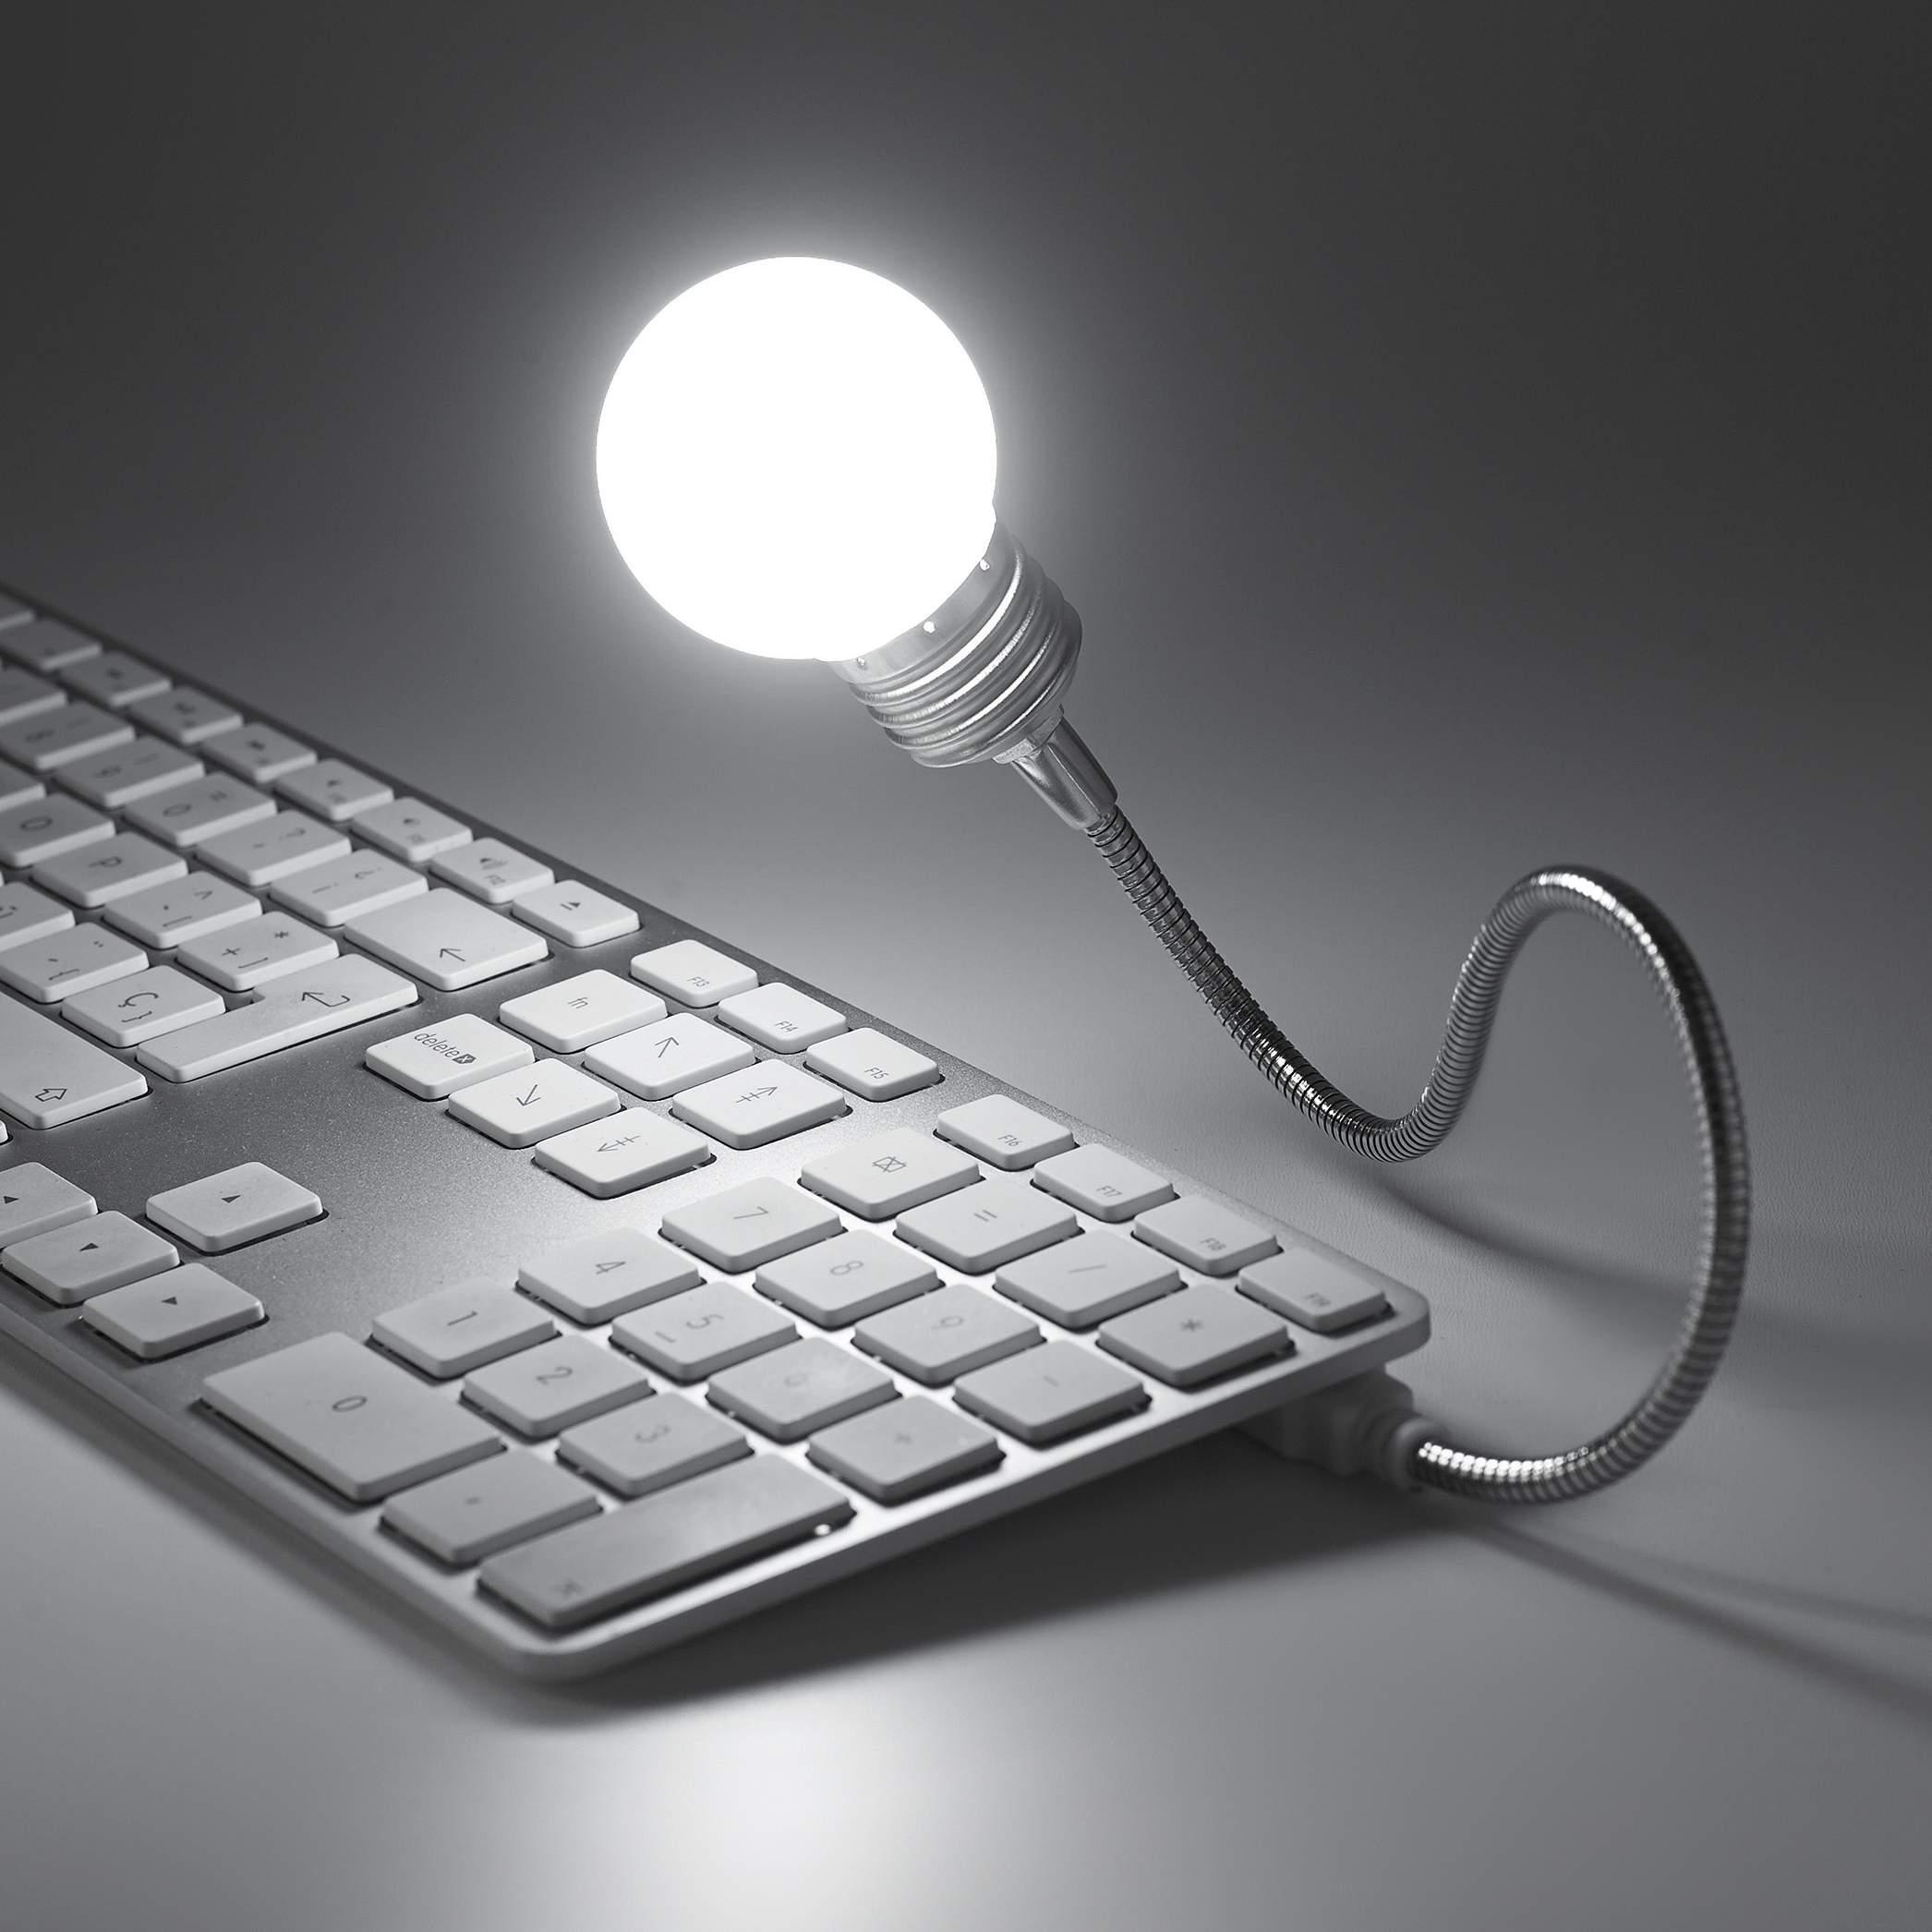 Lampe USB en forme d'ampoule   Bulblight